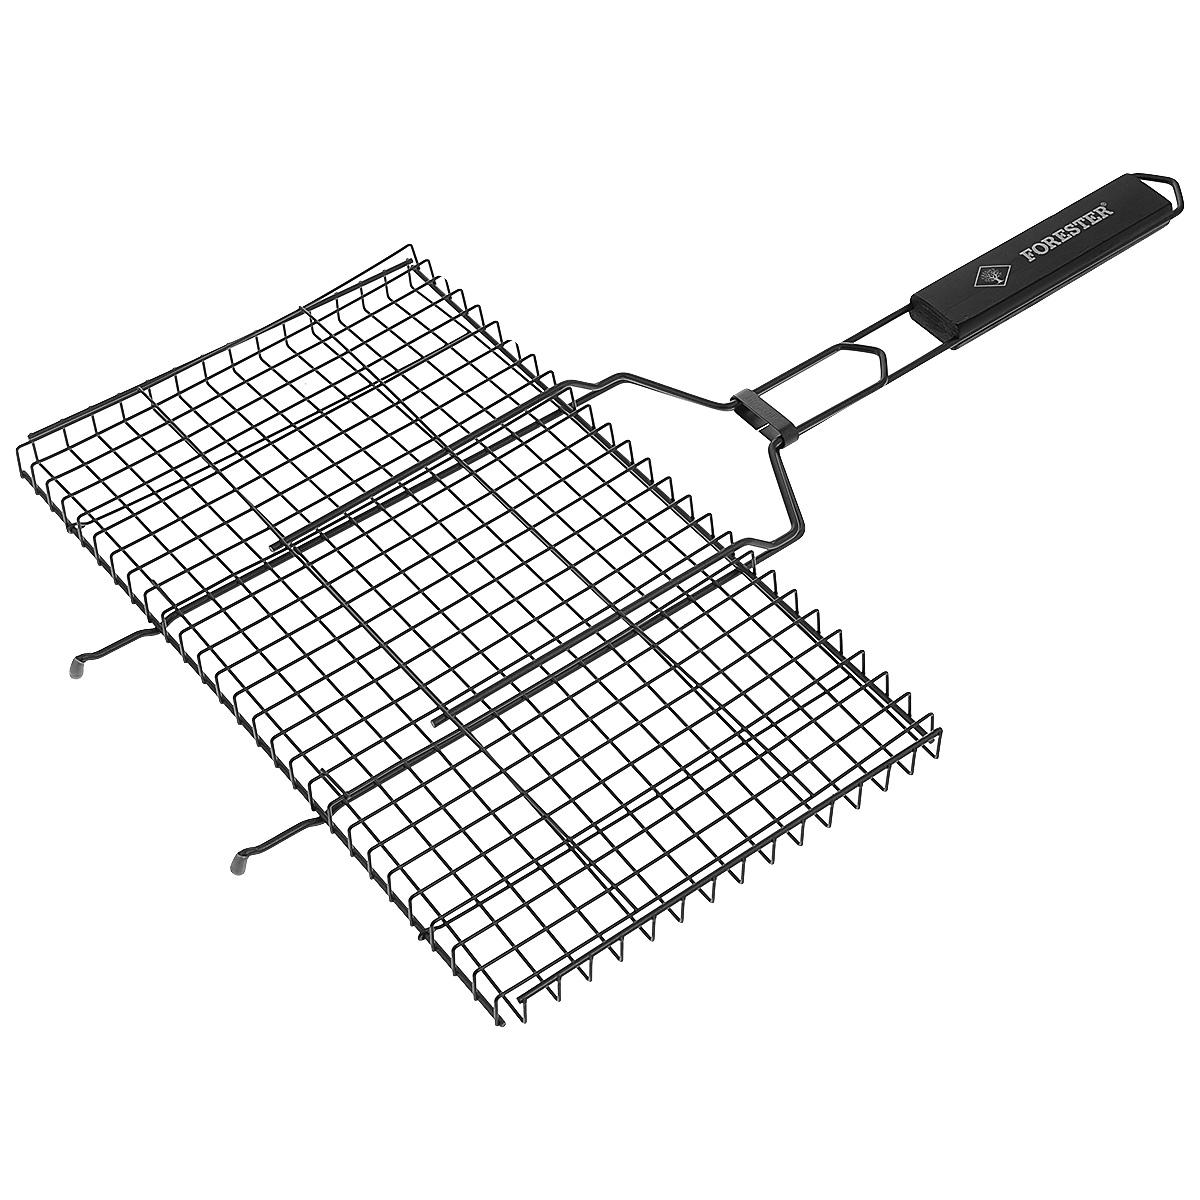 Решетка-гриль Forester, с антипригарным покрытием, цвет: черный, 45 см х 25 см3B327Универсальная решетка-гриль Forester изготовлена из высококачественной стали с антипригарным покрытием. На решетке удобно размещать стейки, ребрышки, гамбургеры, сосиски, рыбу, овощи. Предназначена для приготовления пищи на углях. Блюда получаются сочными, ароматными, с аппетитной специфической корочкой. Рукоятка изделия оснащена деревянной вставкой и фиксирующей скобой, которая зажимает створки решетки. Размер рабочей поверхности решетки (без учета усиков): 45 см х 25 см.Общая длина решетки (с ручкой): 69 см.